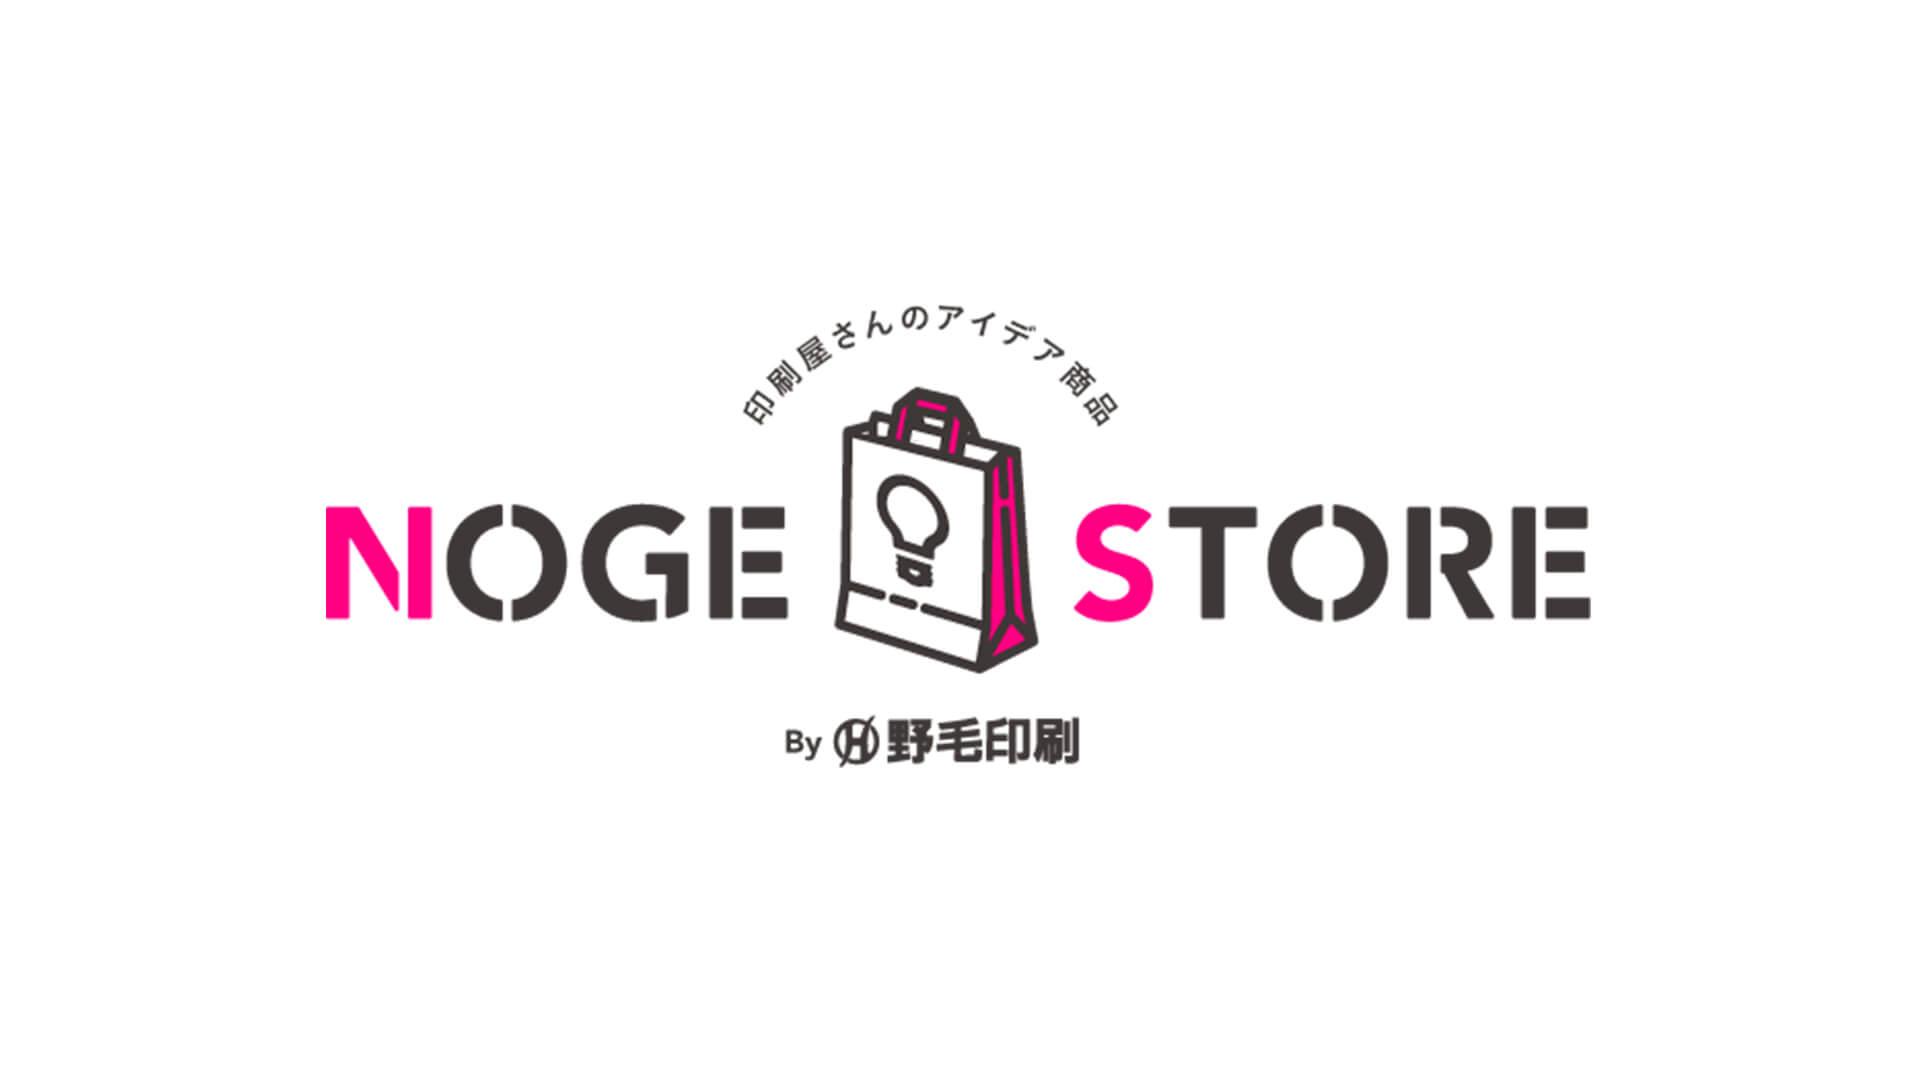 オリジナル商品大集合!野毛印刷公式ECサイト「NOGE STORE」